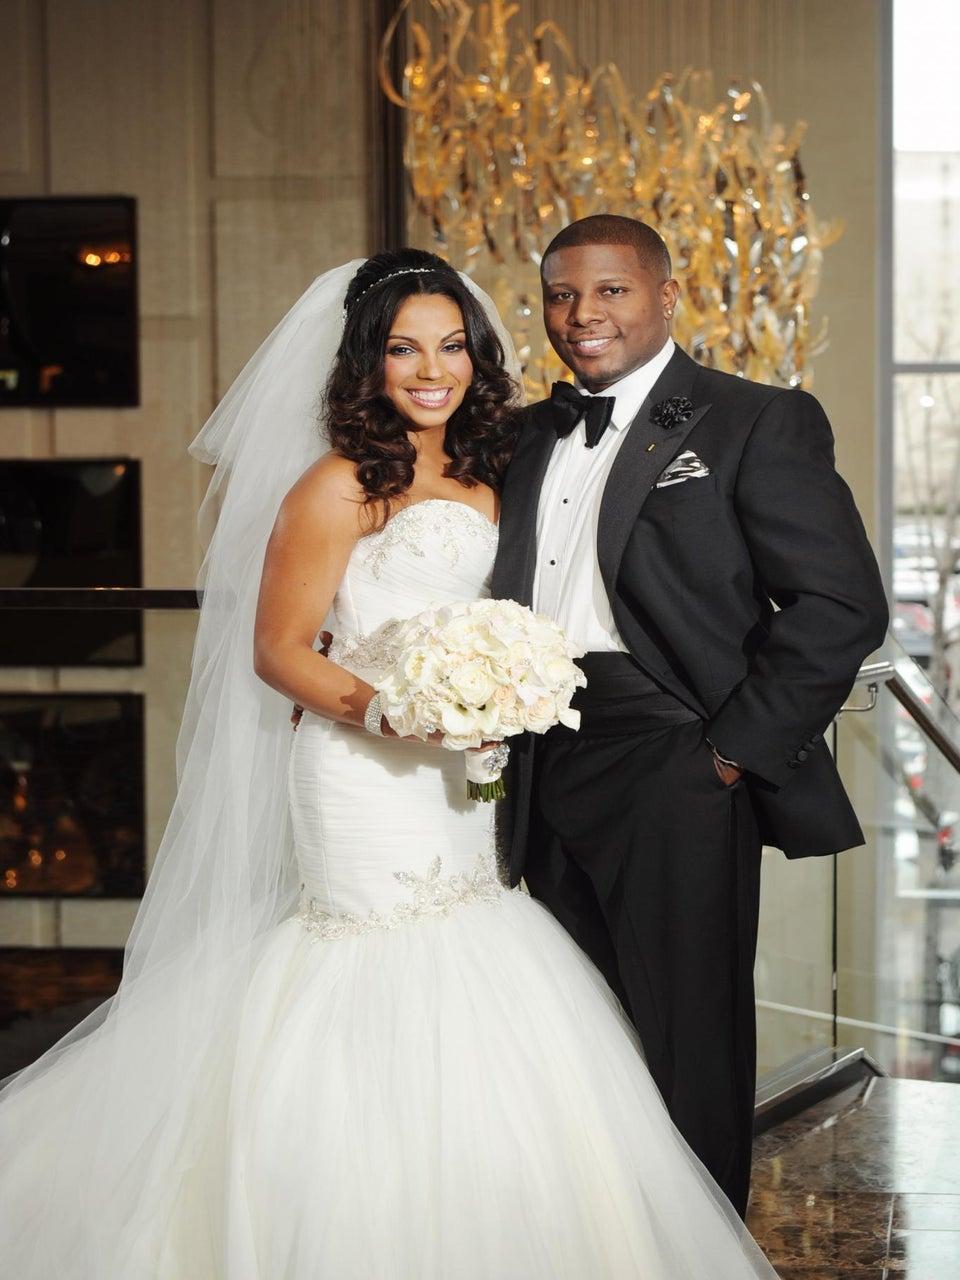 Bridal Bliss: Nadia and Taquari's New Orleans Wedding